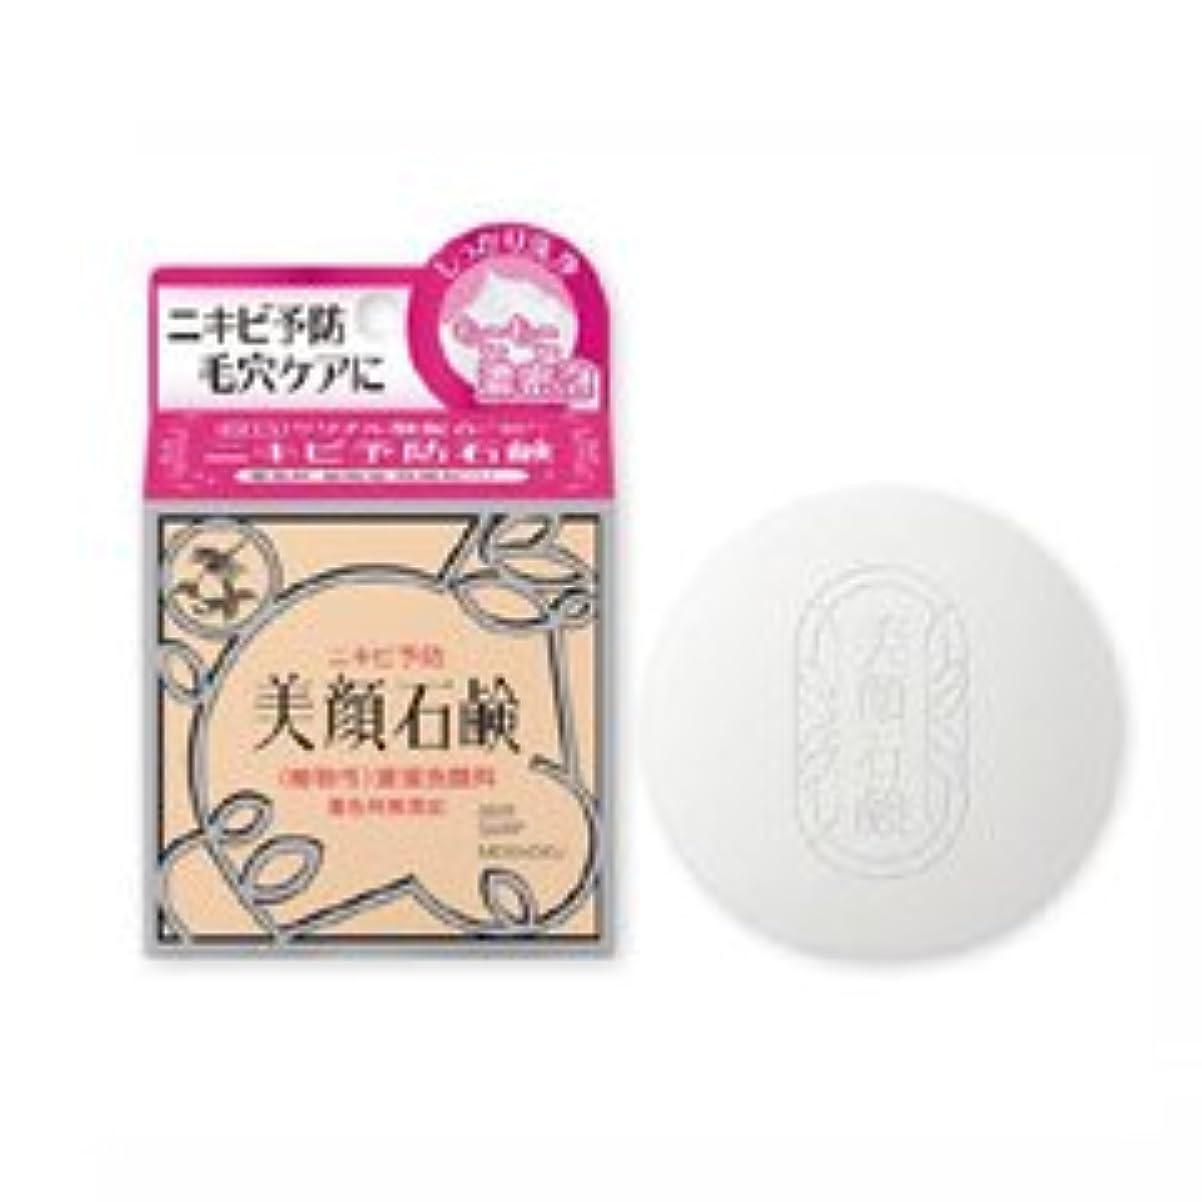 モンスター喉が渇いた移行美顔石鹸 80g 【明色】